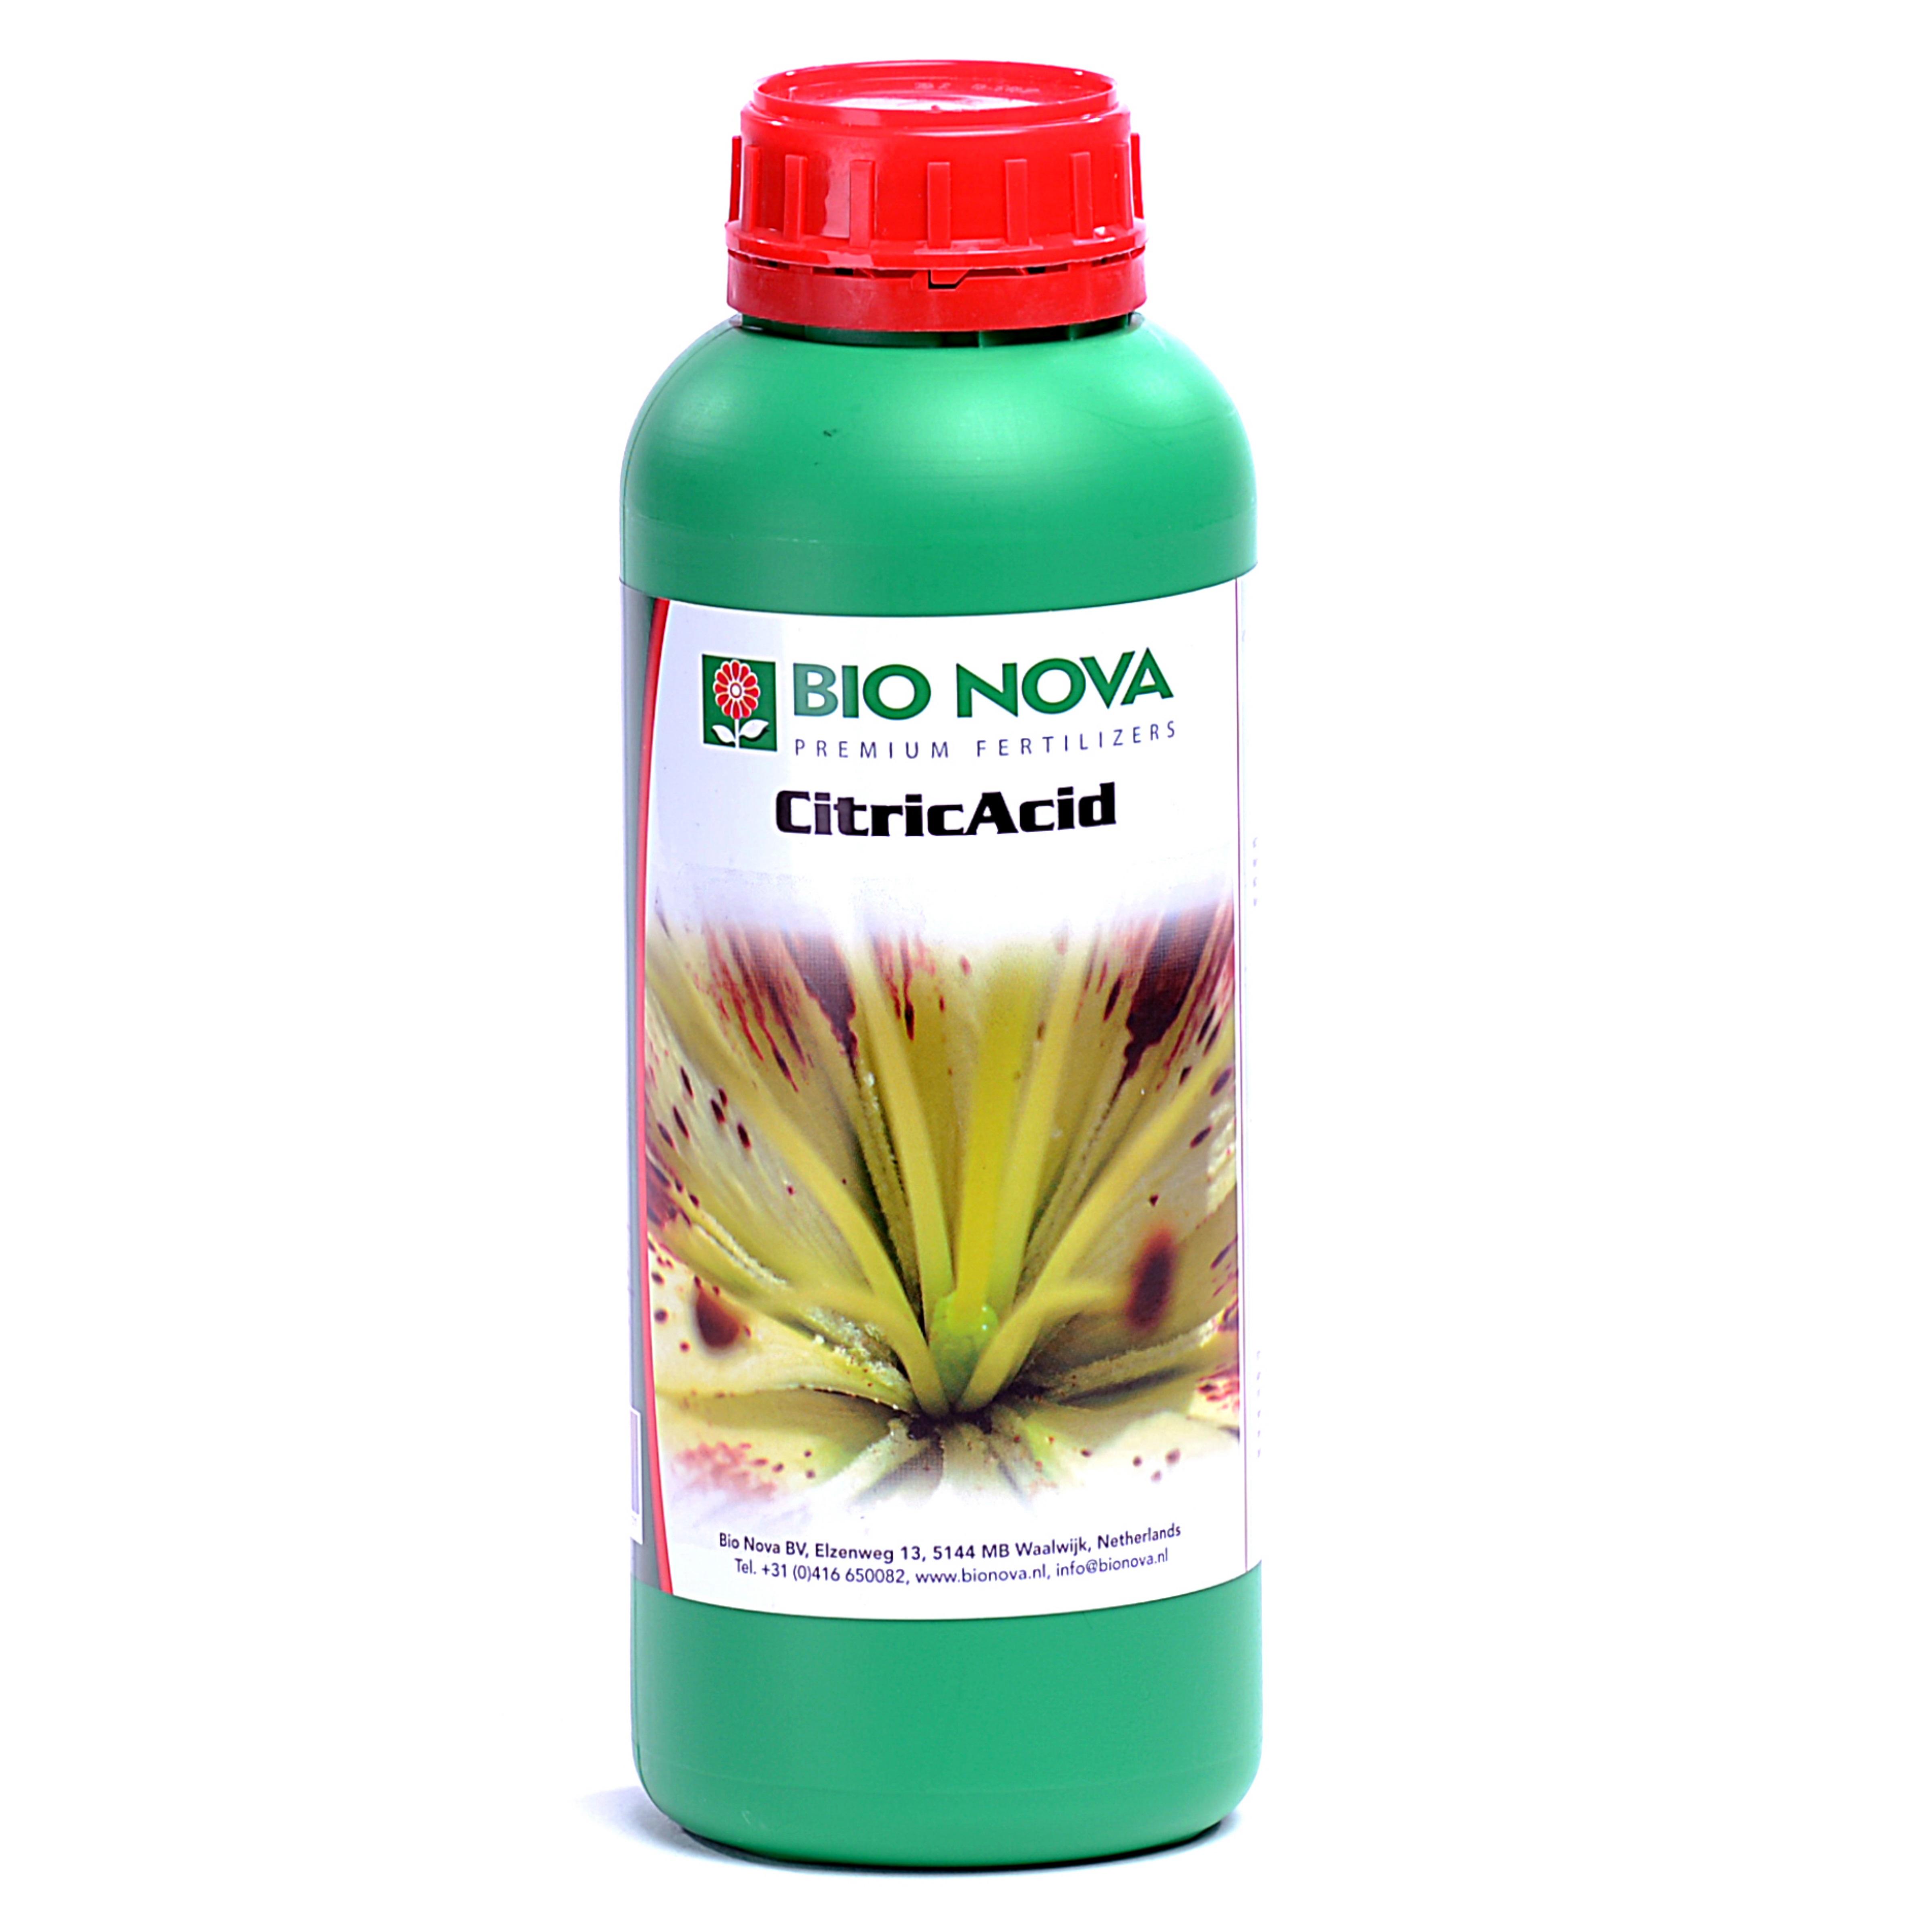 Bio Nova BN CitricAcid 50% 1 Liter